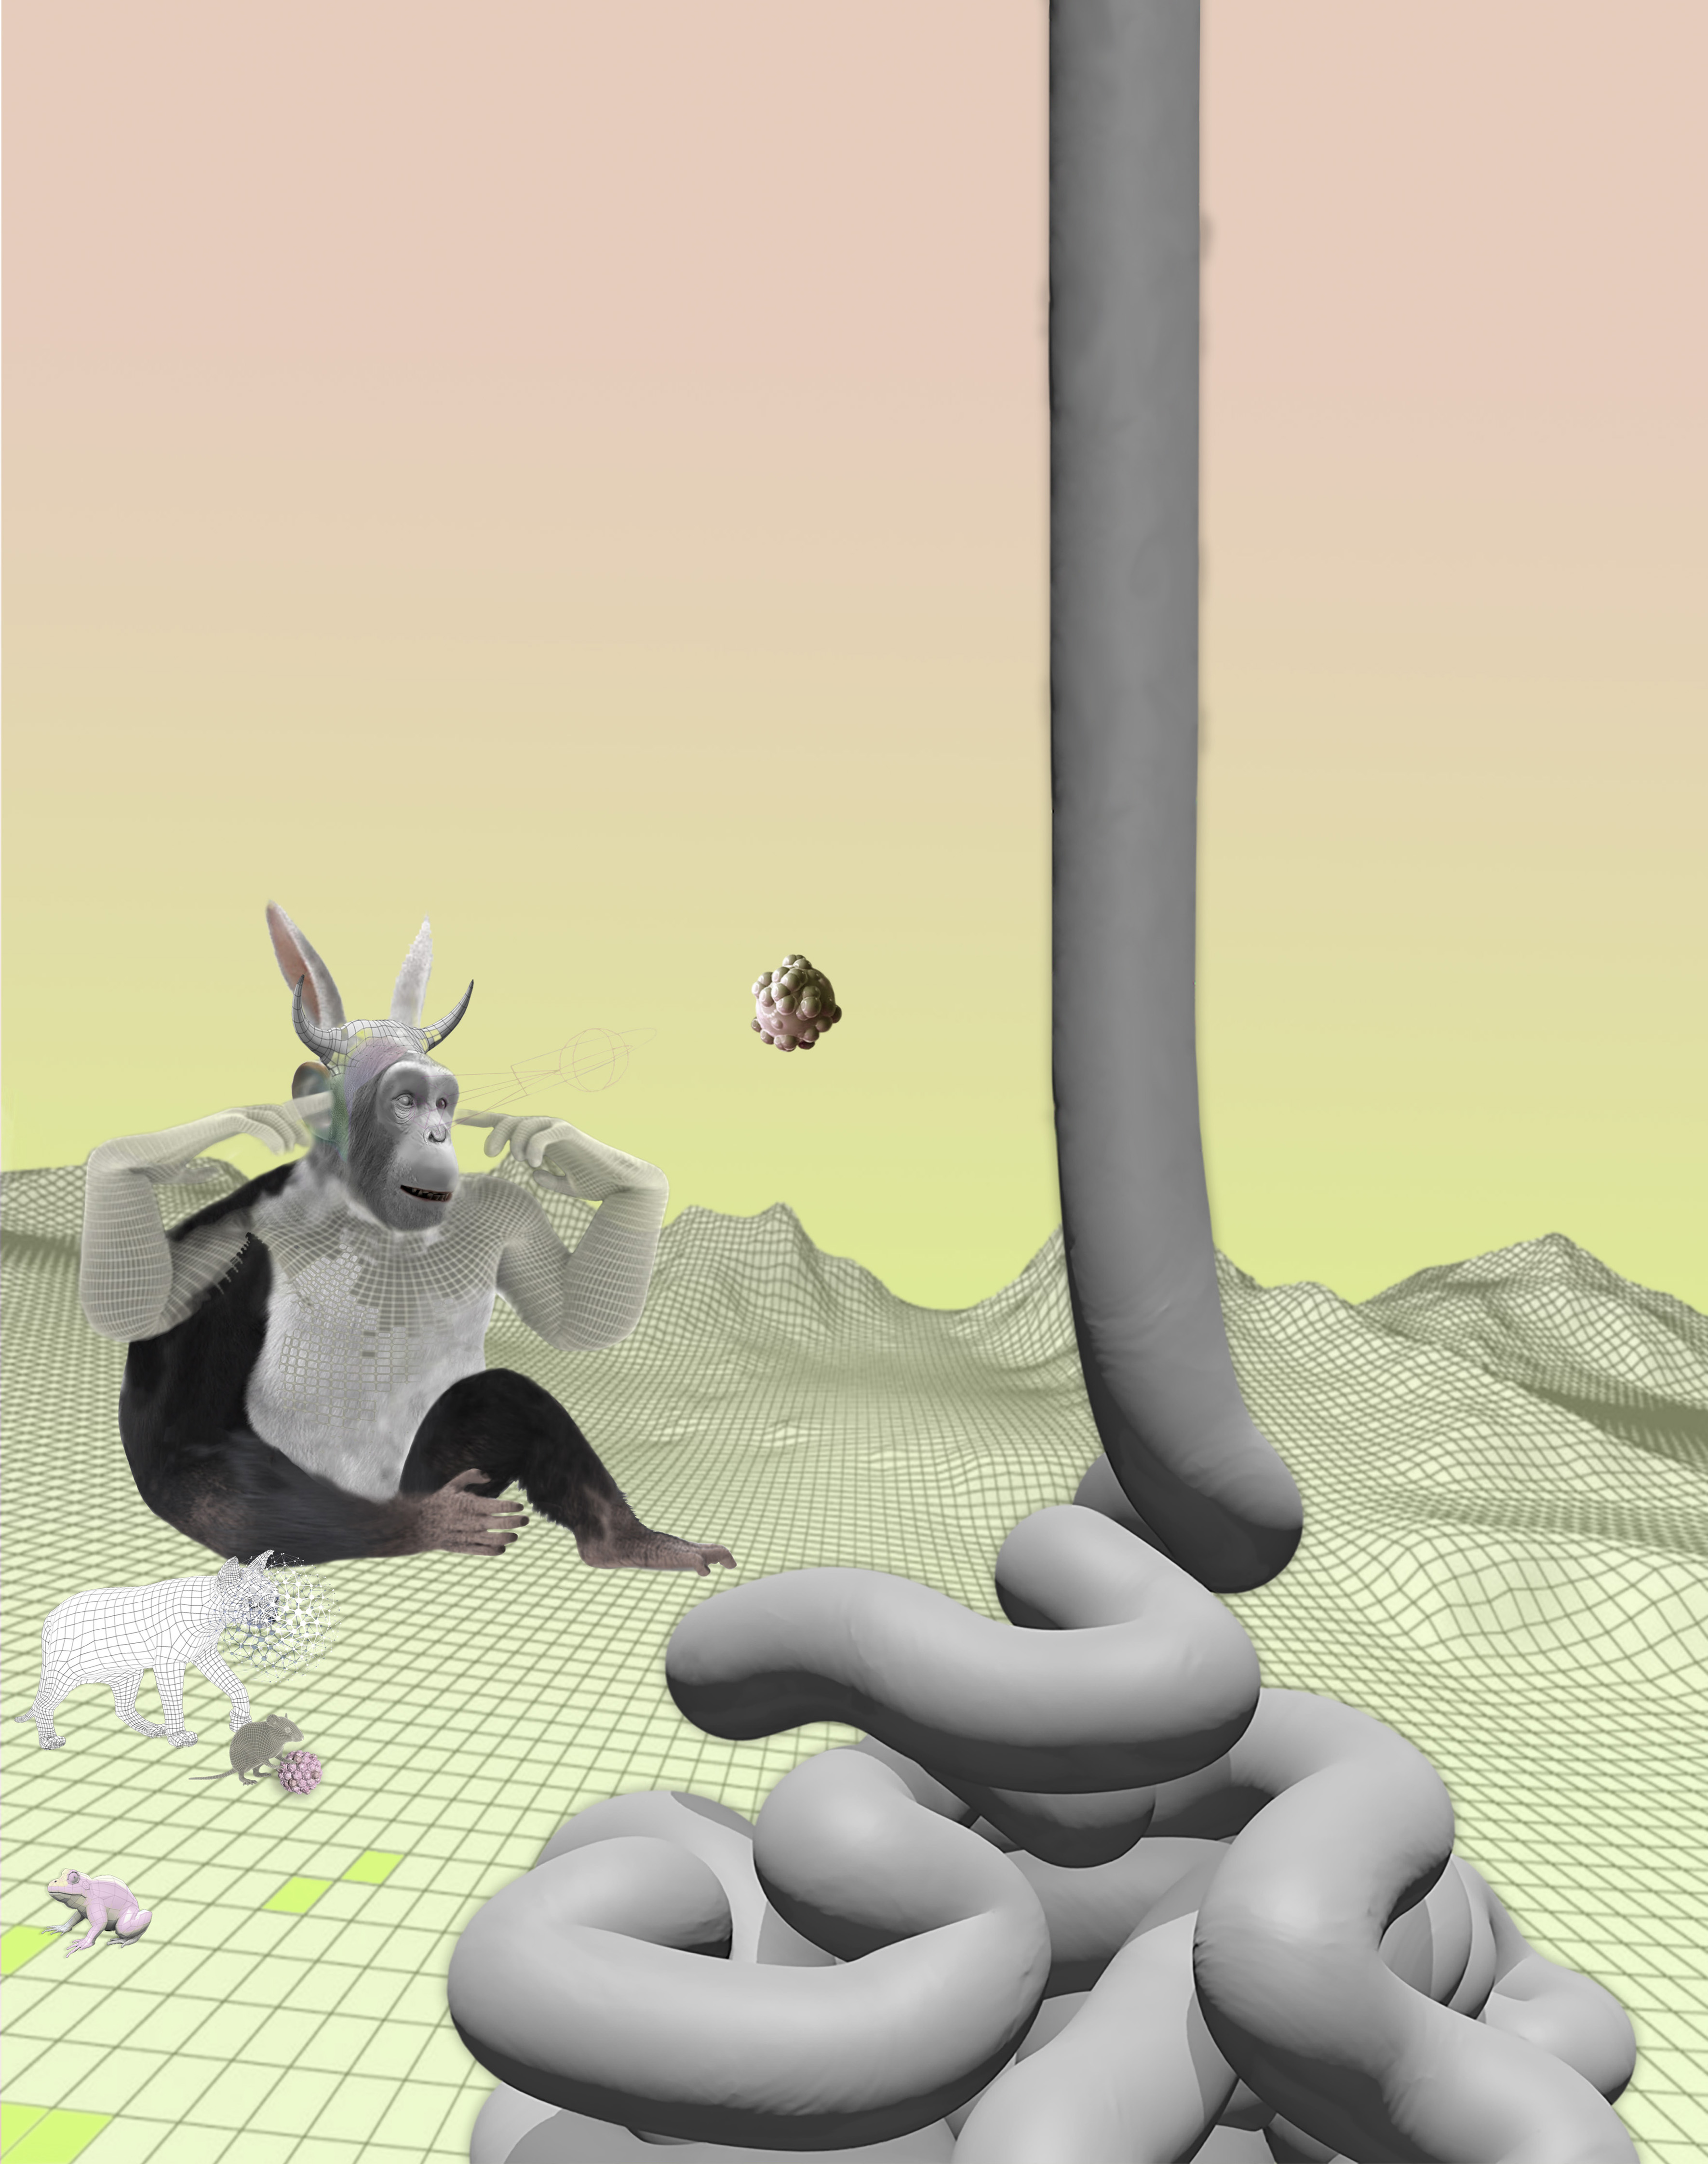 Inextinguishable, 2020. Images courtesy Melanie Jackson and Matt's Gallery.